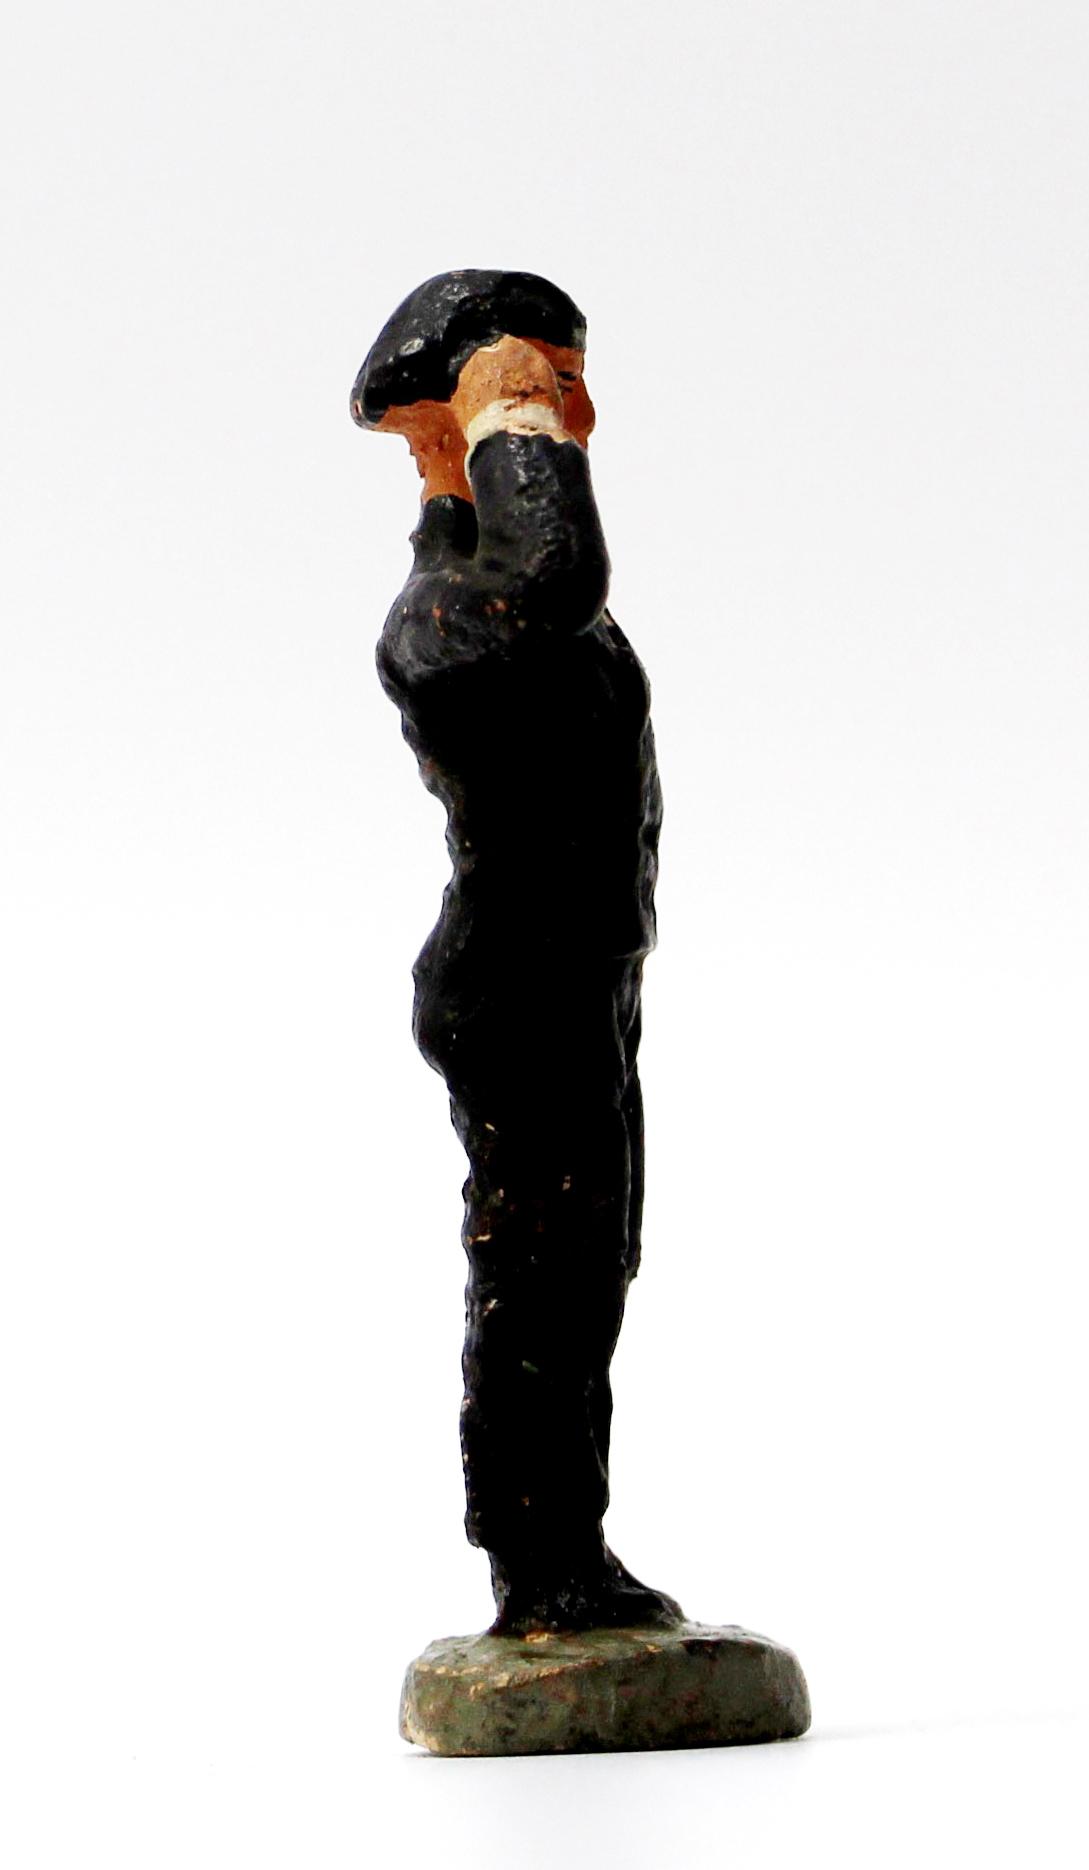 Ancienne Figurine en composition - Sans marque - Wehrmacht - Uniforme - Soldat - Guerre 39/45 - Conducteur de Char